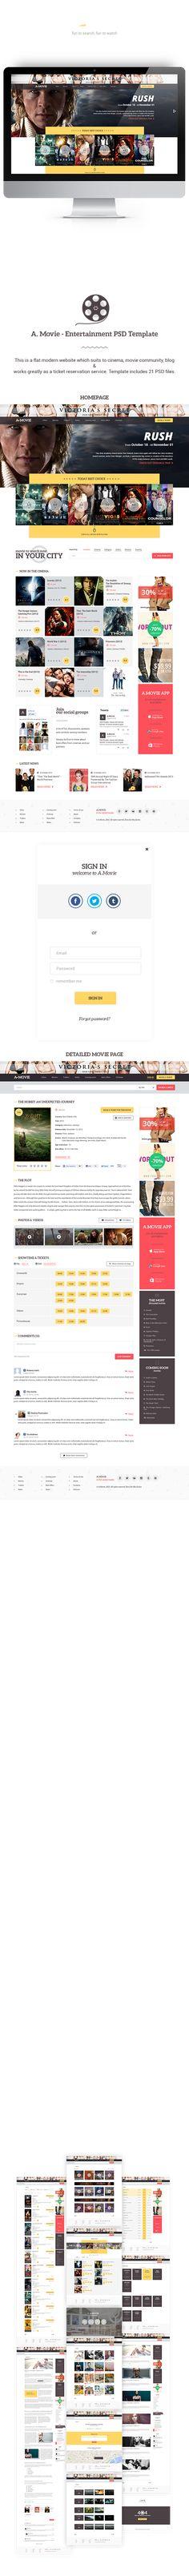 A.Movie - Cinema/Movie PSD Template by Olia Gozha, via Behance